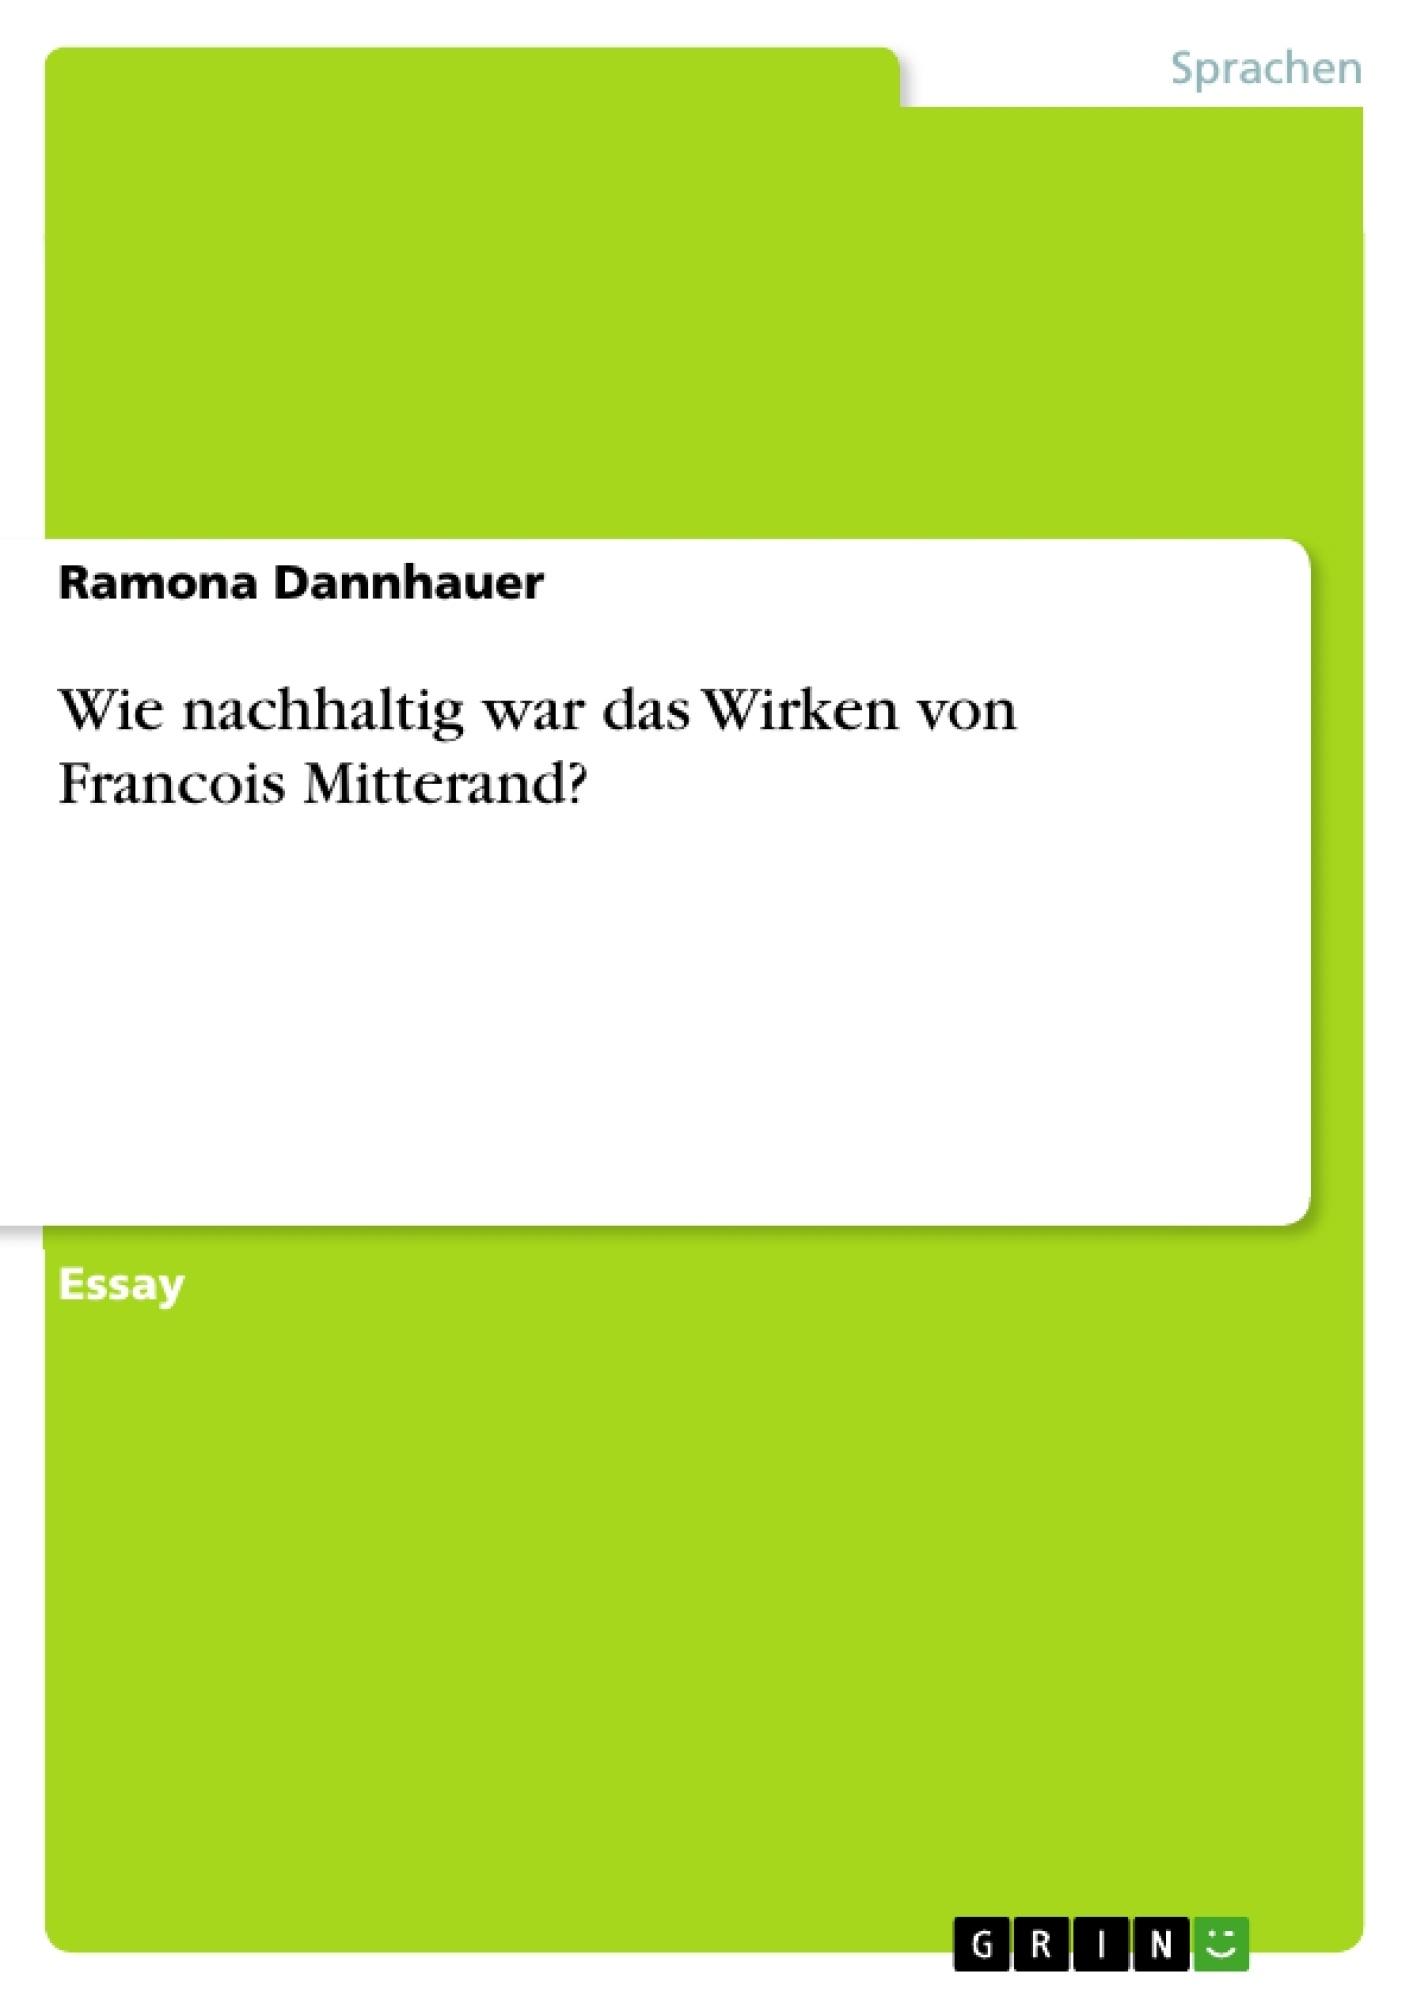 Titel: Wie nachhaltig war das Wirken von Francois Mitterand?